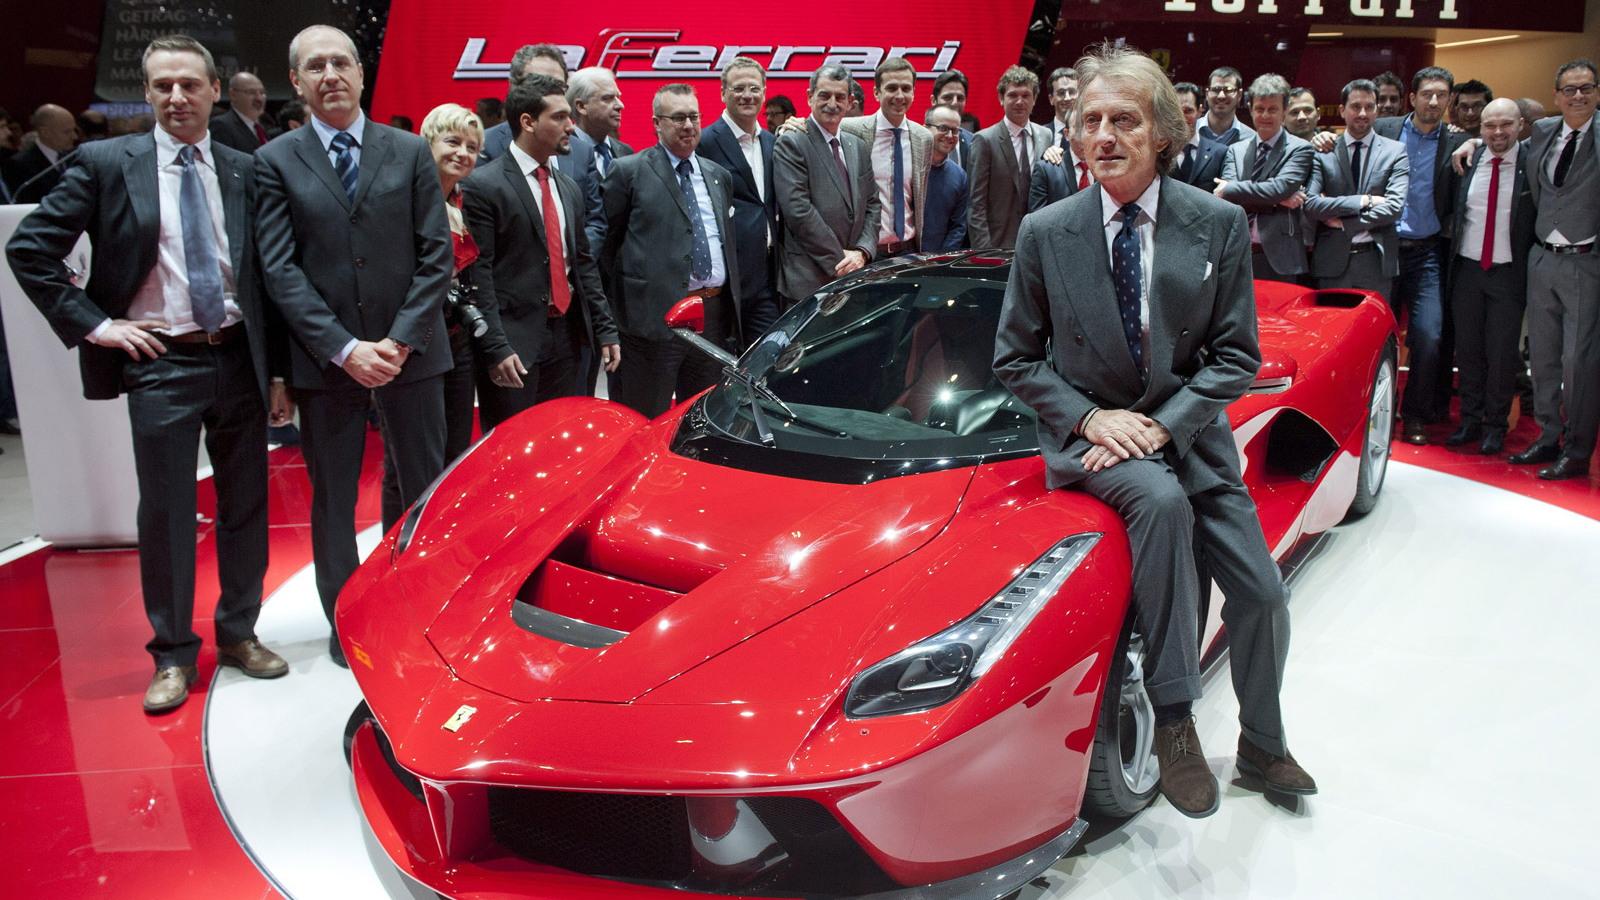 Luca di Montezemolo and the Ferrari LaFerrari